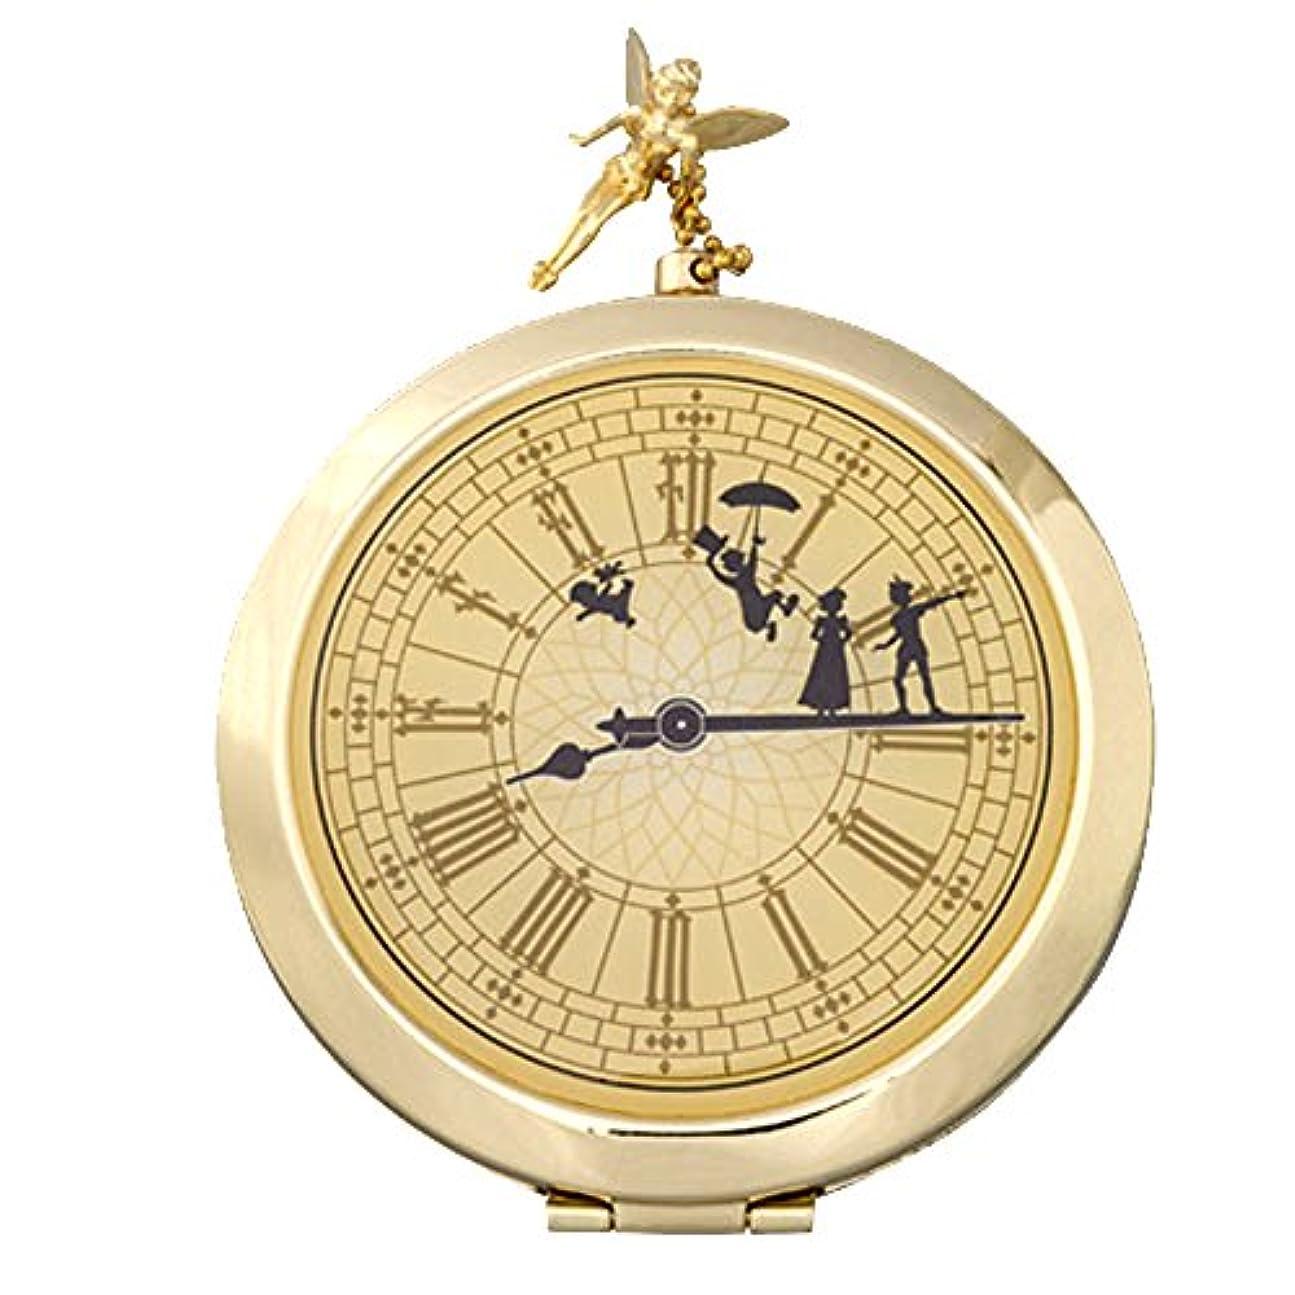 ギャング比べるダメージ12/1~ ピーターパン コンパクト 式 ミラー 鏡 時計型 アンティーク ディズニー ティンカーベル 他 メイク 用品 ( ディズニーランド限定 )